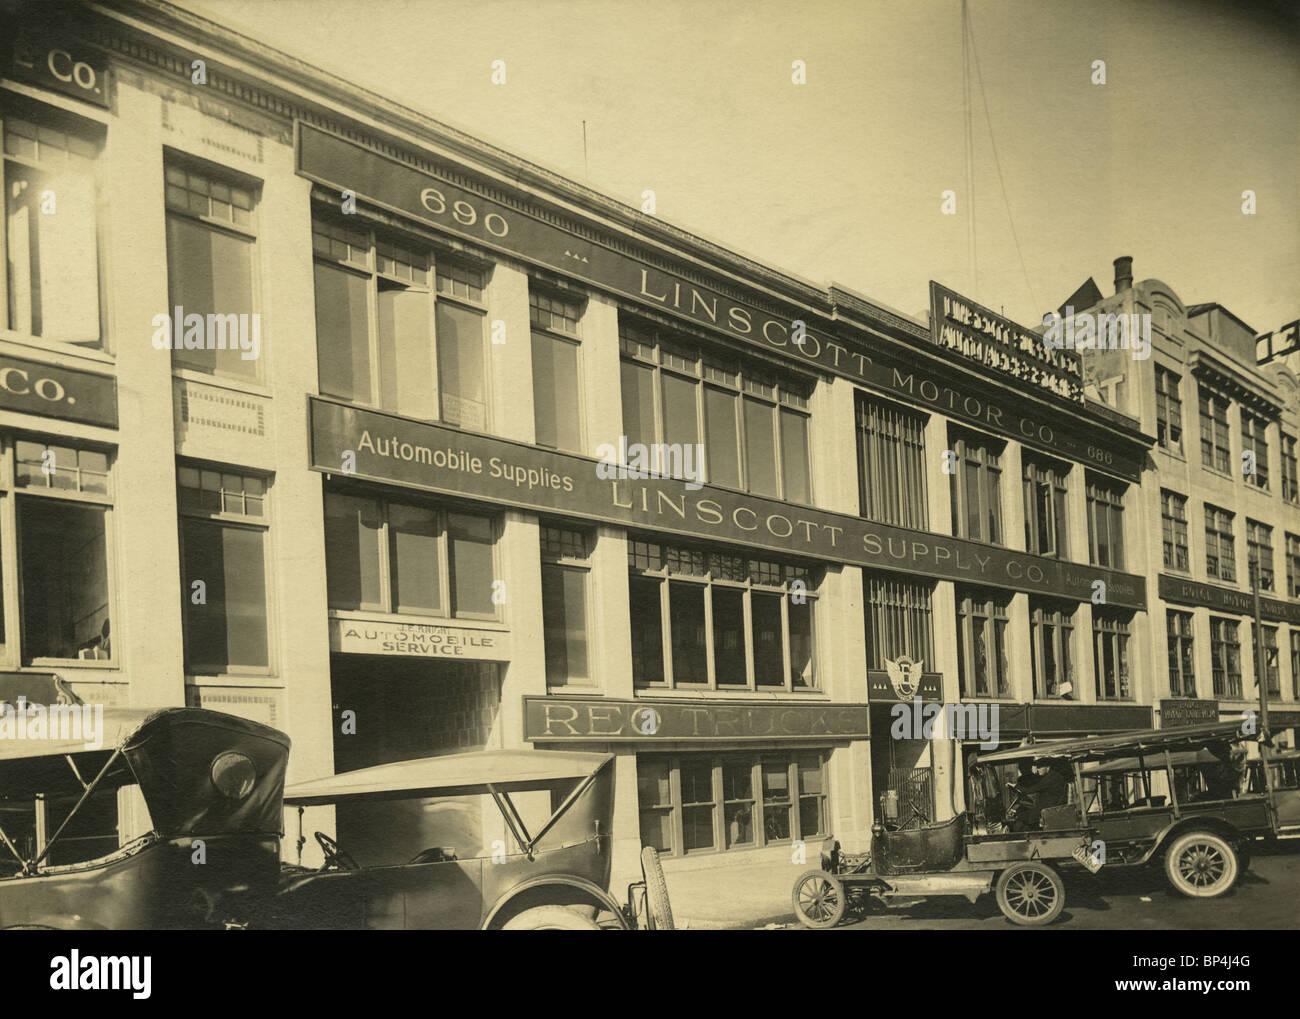 Octubre de 1920 foto del exterior de la Linscott Motor Company, 690 Beacon Street, Boston, Massachusetts. Foto de stock